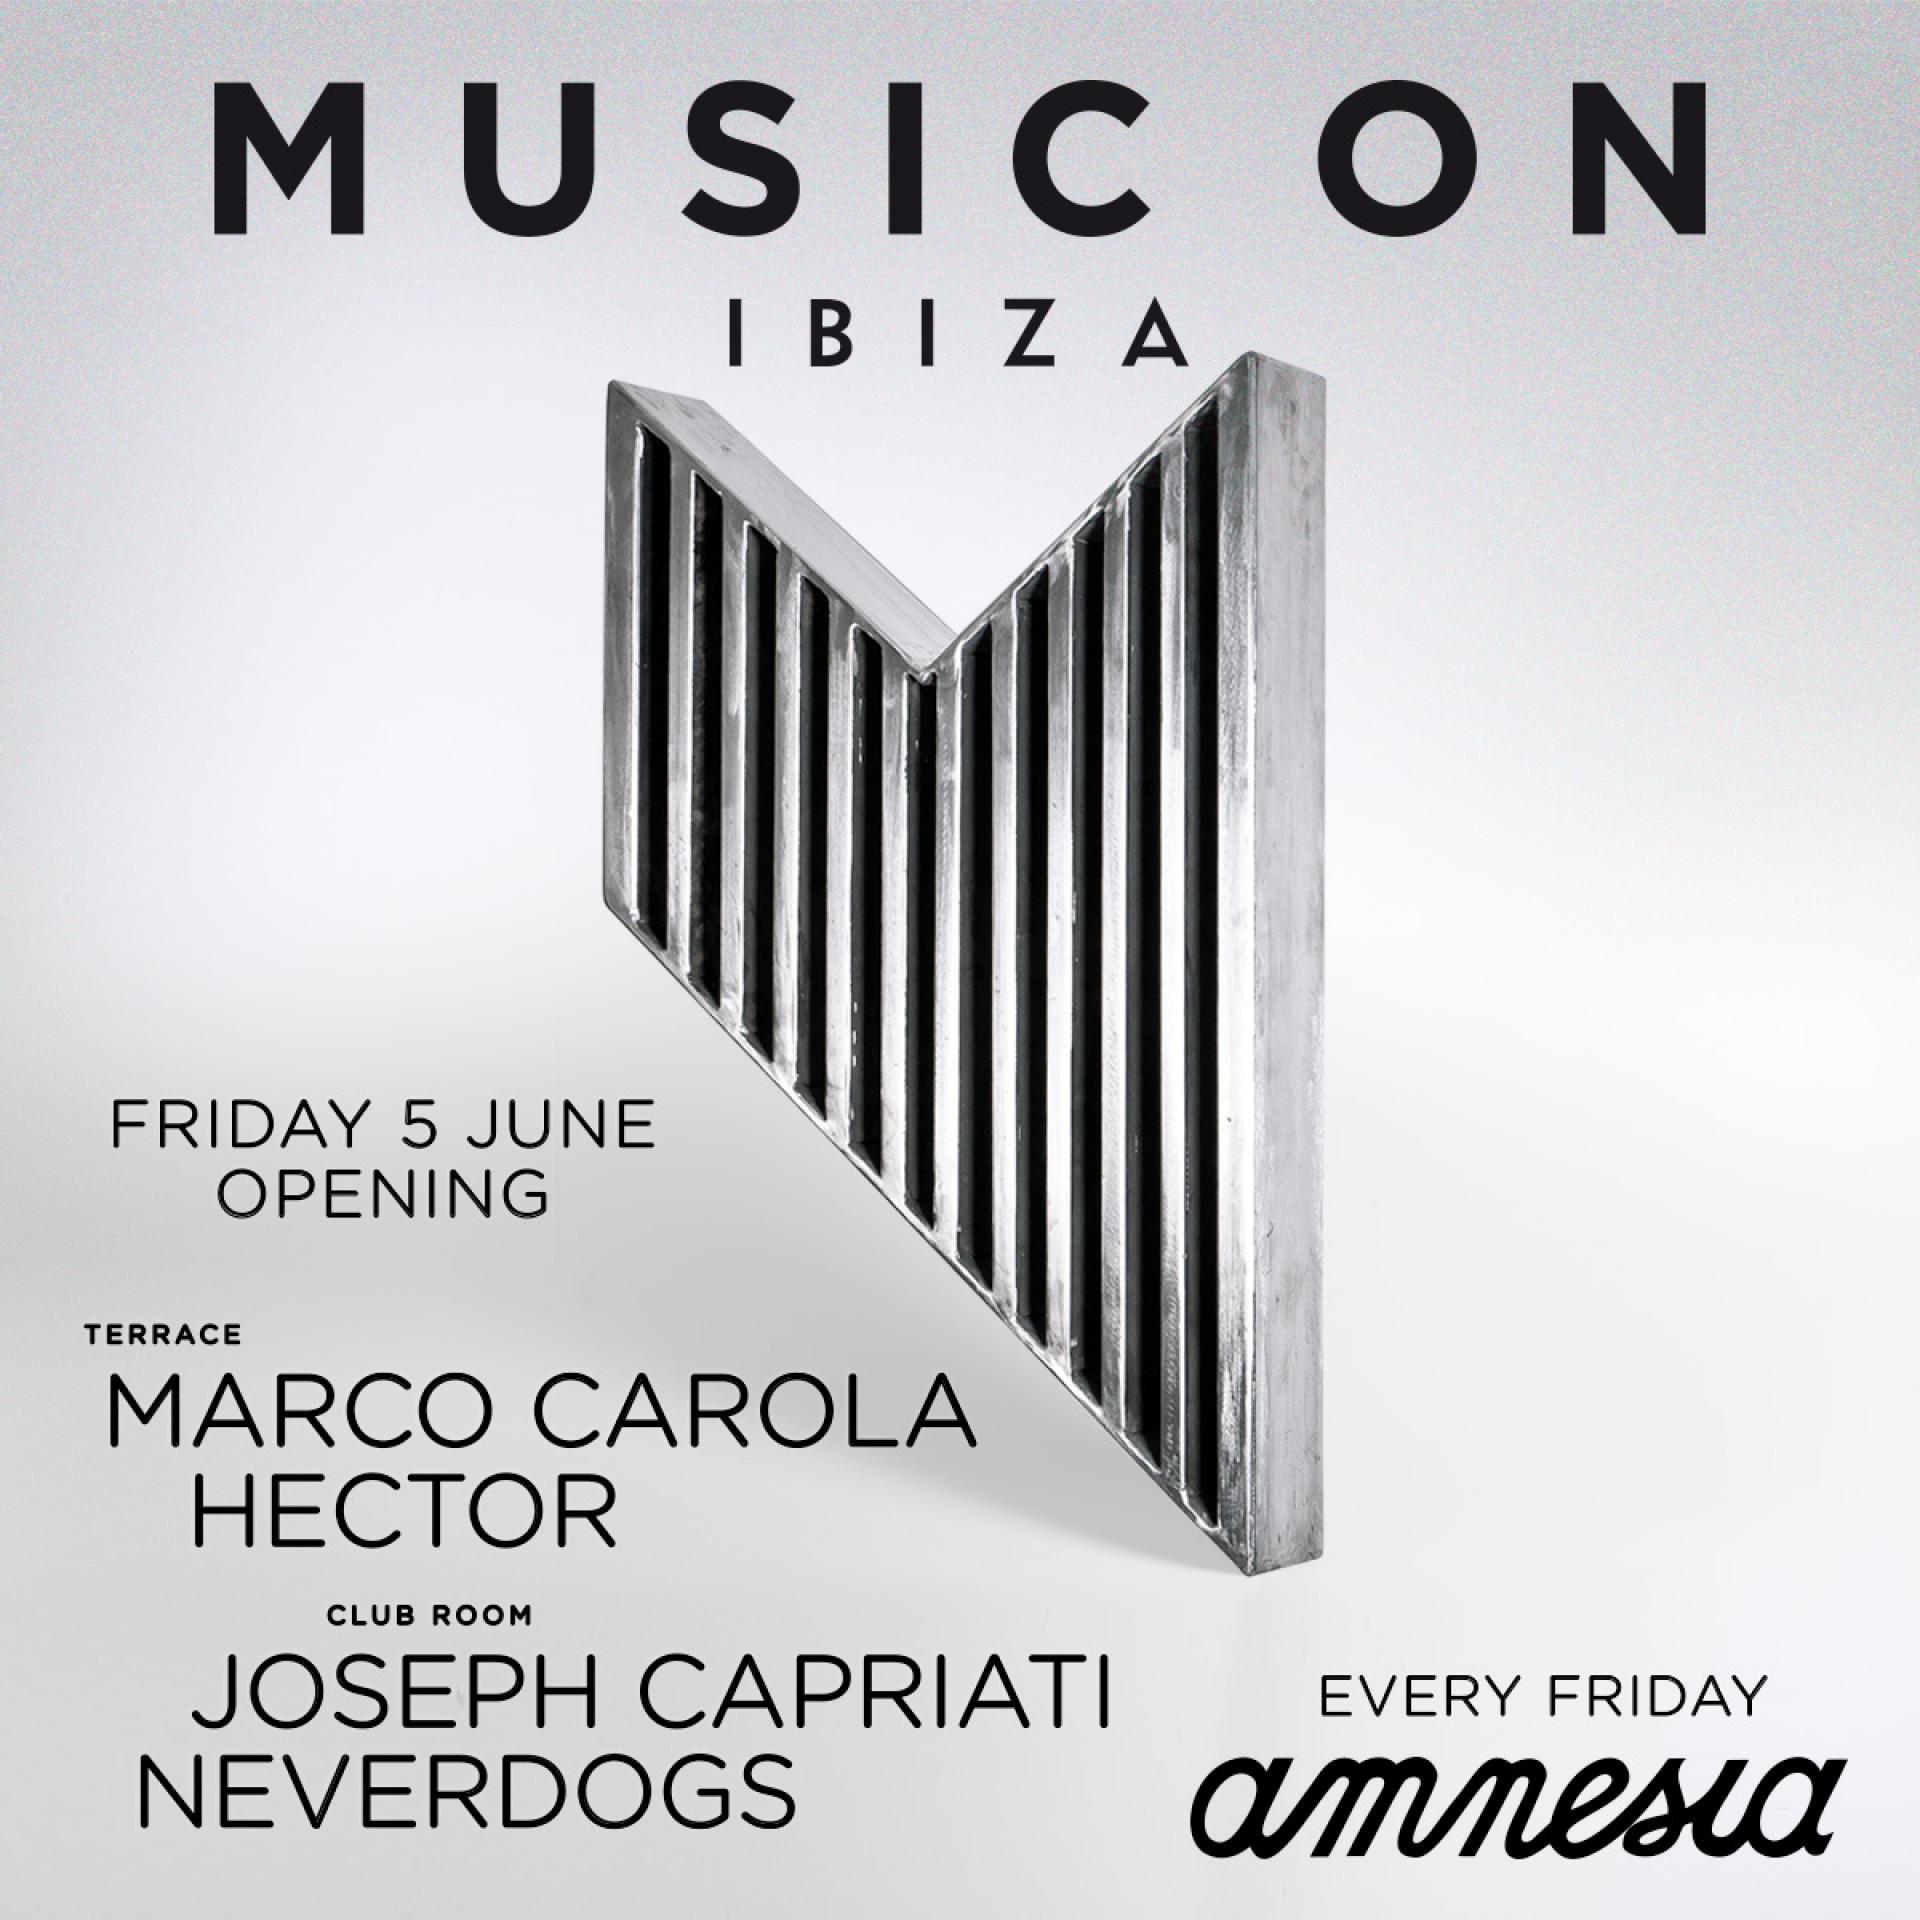 musiconibiza15-0605-lineup-post-square